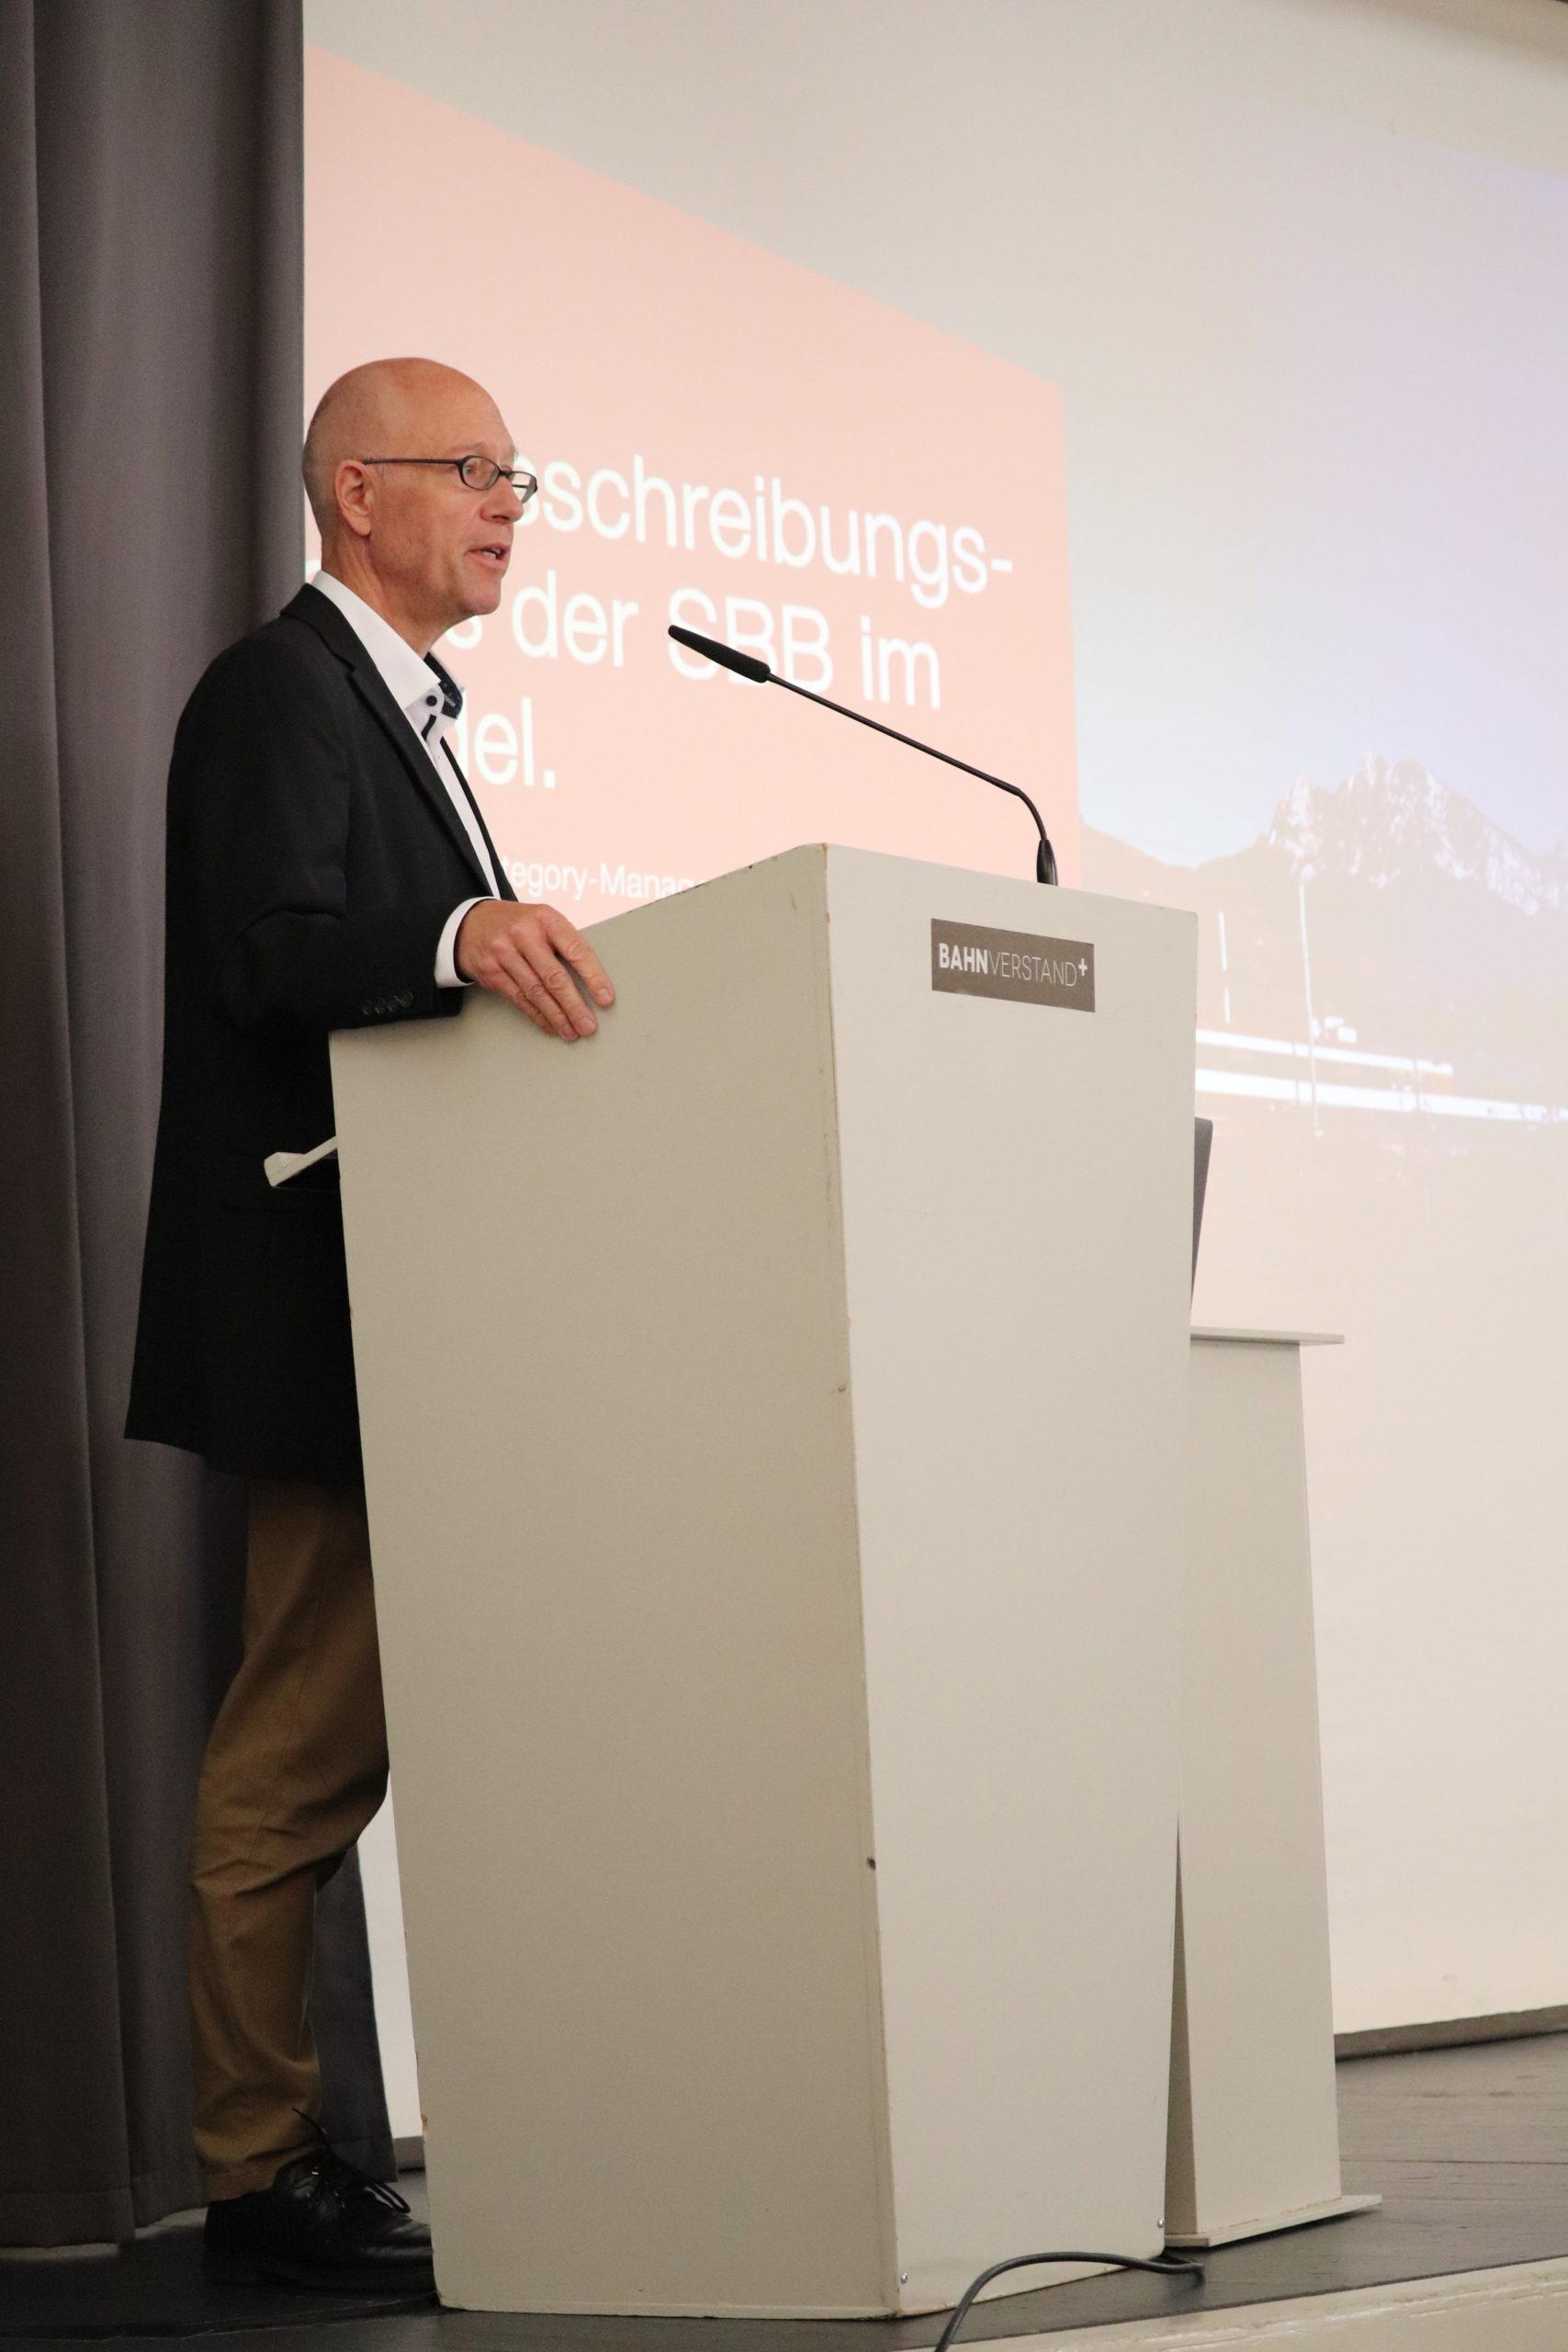 Andreas Streit, Category Managemer Strategischer Einkauf Fahrweg, SBB, Bern